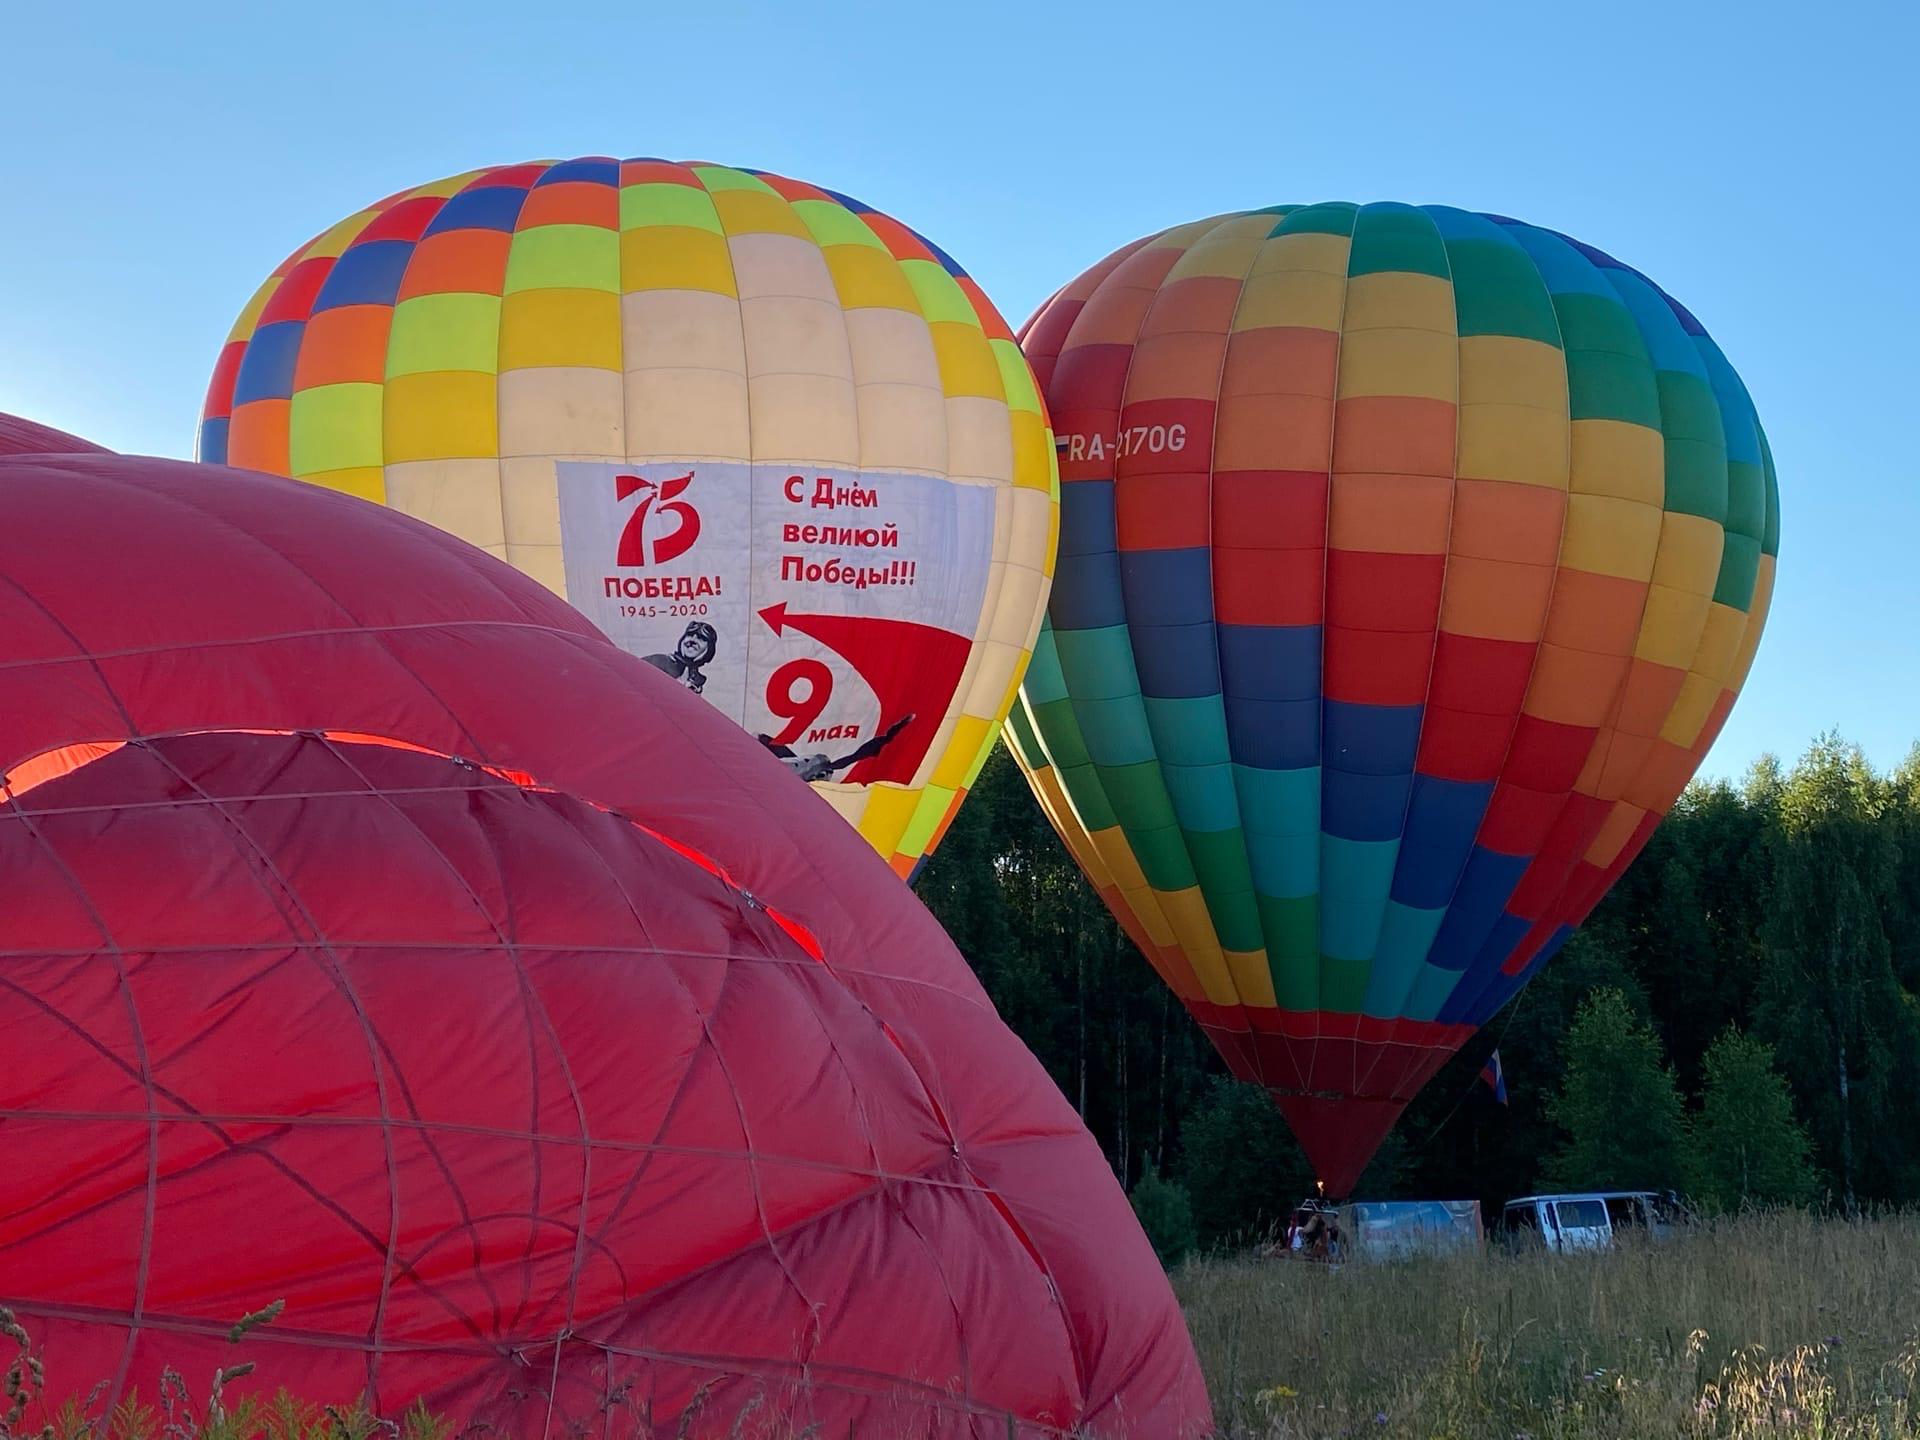 Приволжская фиеста пройдет в Нижнем Новгороде с 14 по 16 августа 2020 года